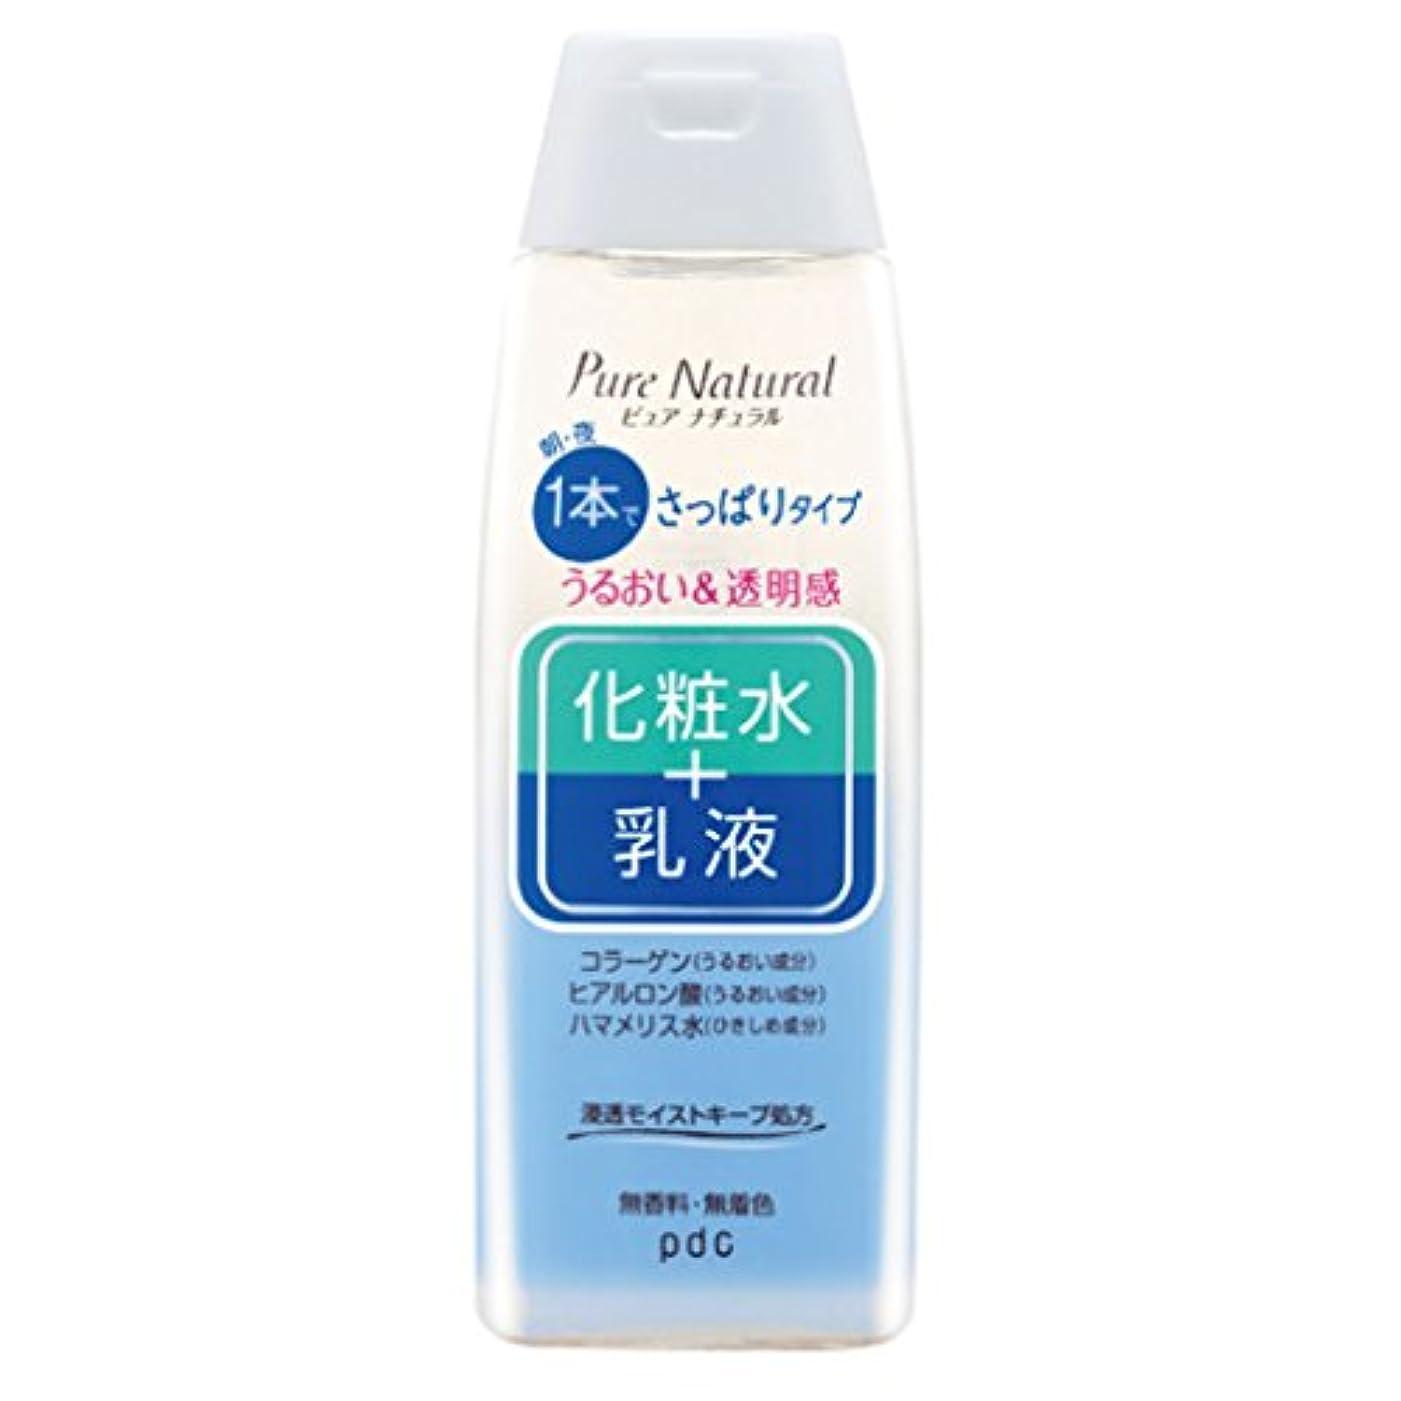 実業家ブレーク時制Pure NATURAL(ピュアナチュラル) エッセンスローションライト 210ml